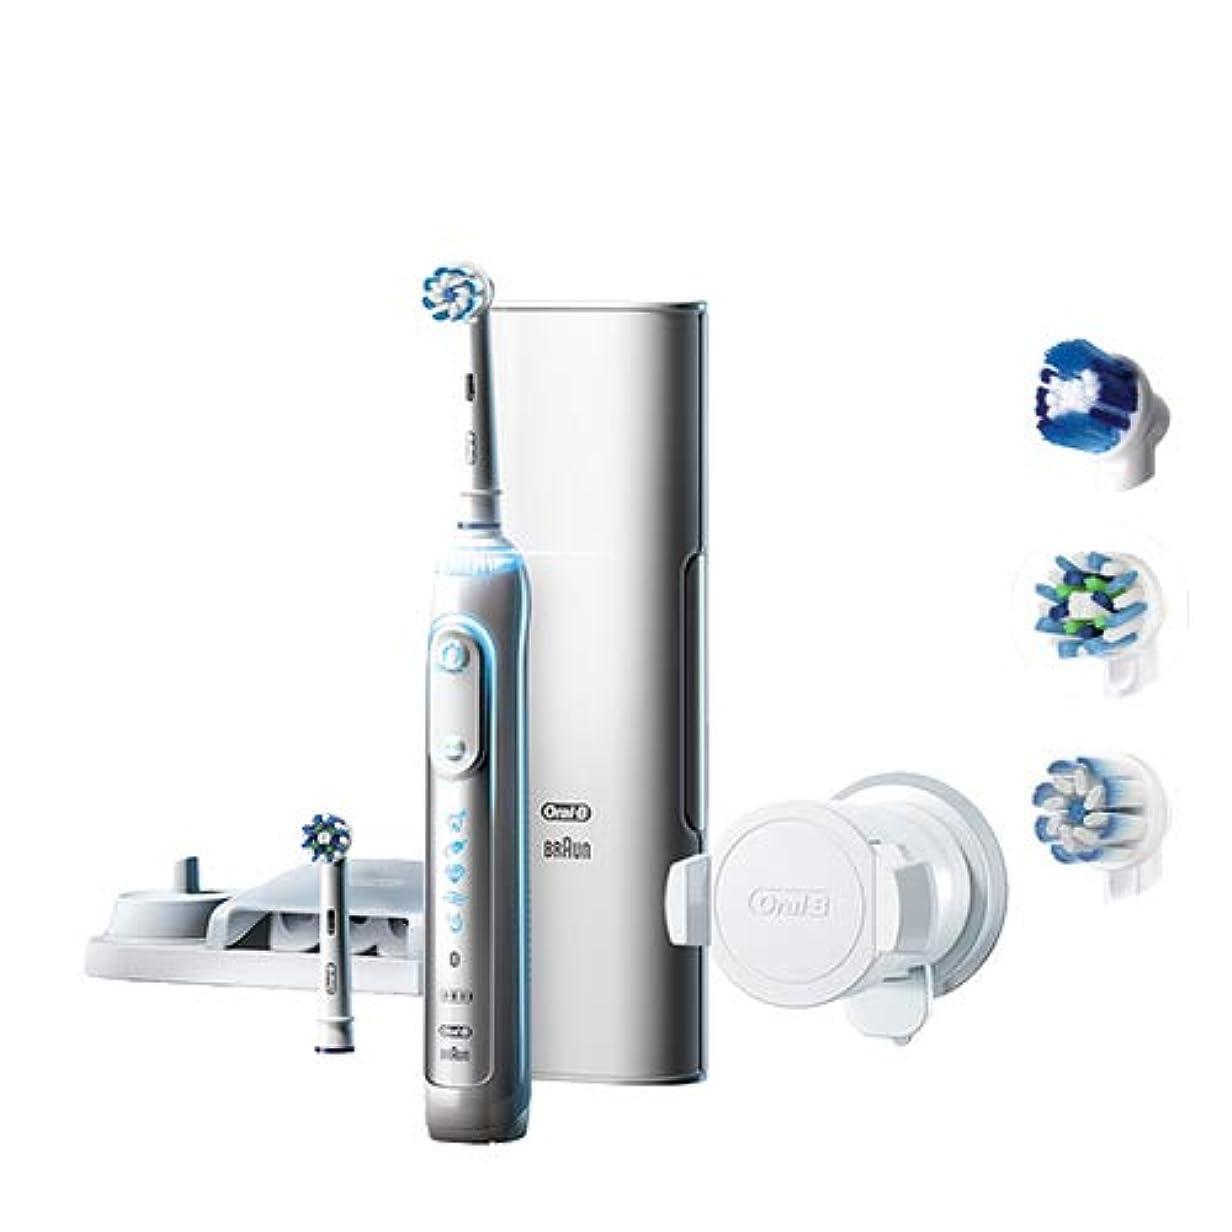 ブラウン オーラルB ジーニアス ( GENIUS ) プロフェショナル D701.535.5XCP 歯科医院専売品